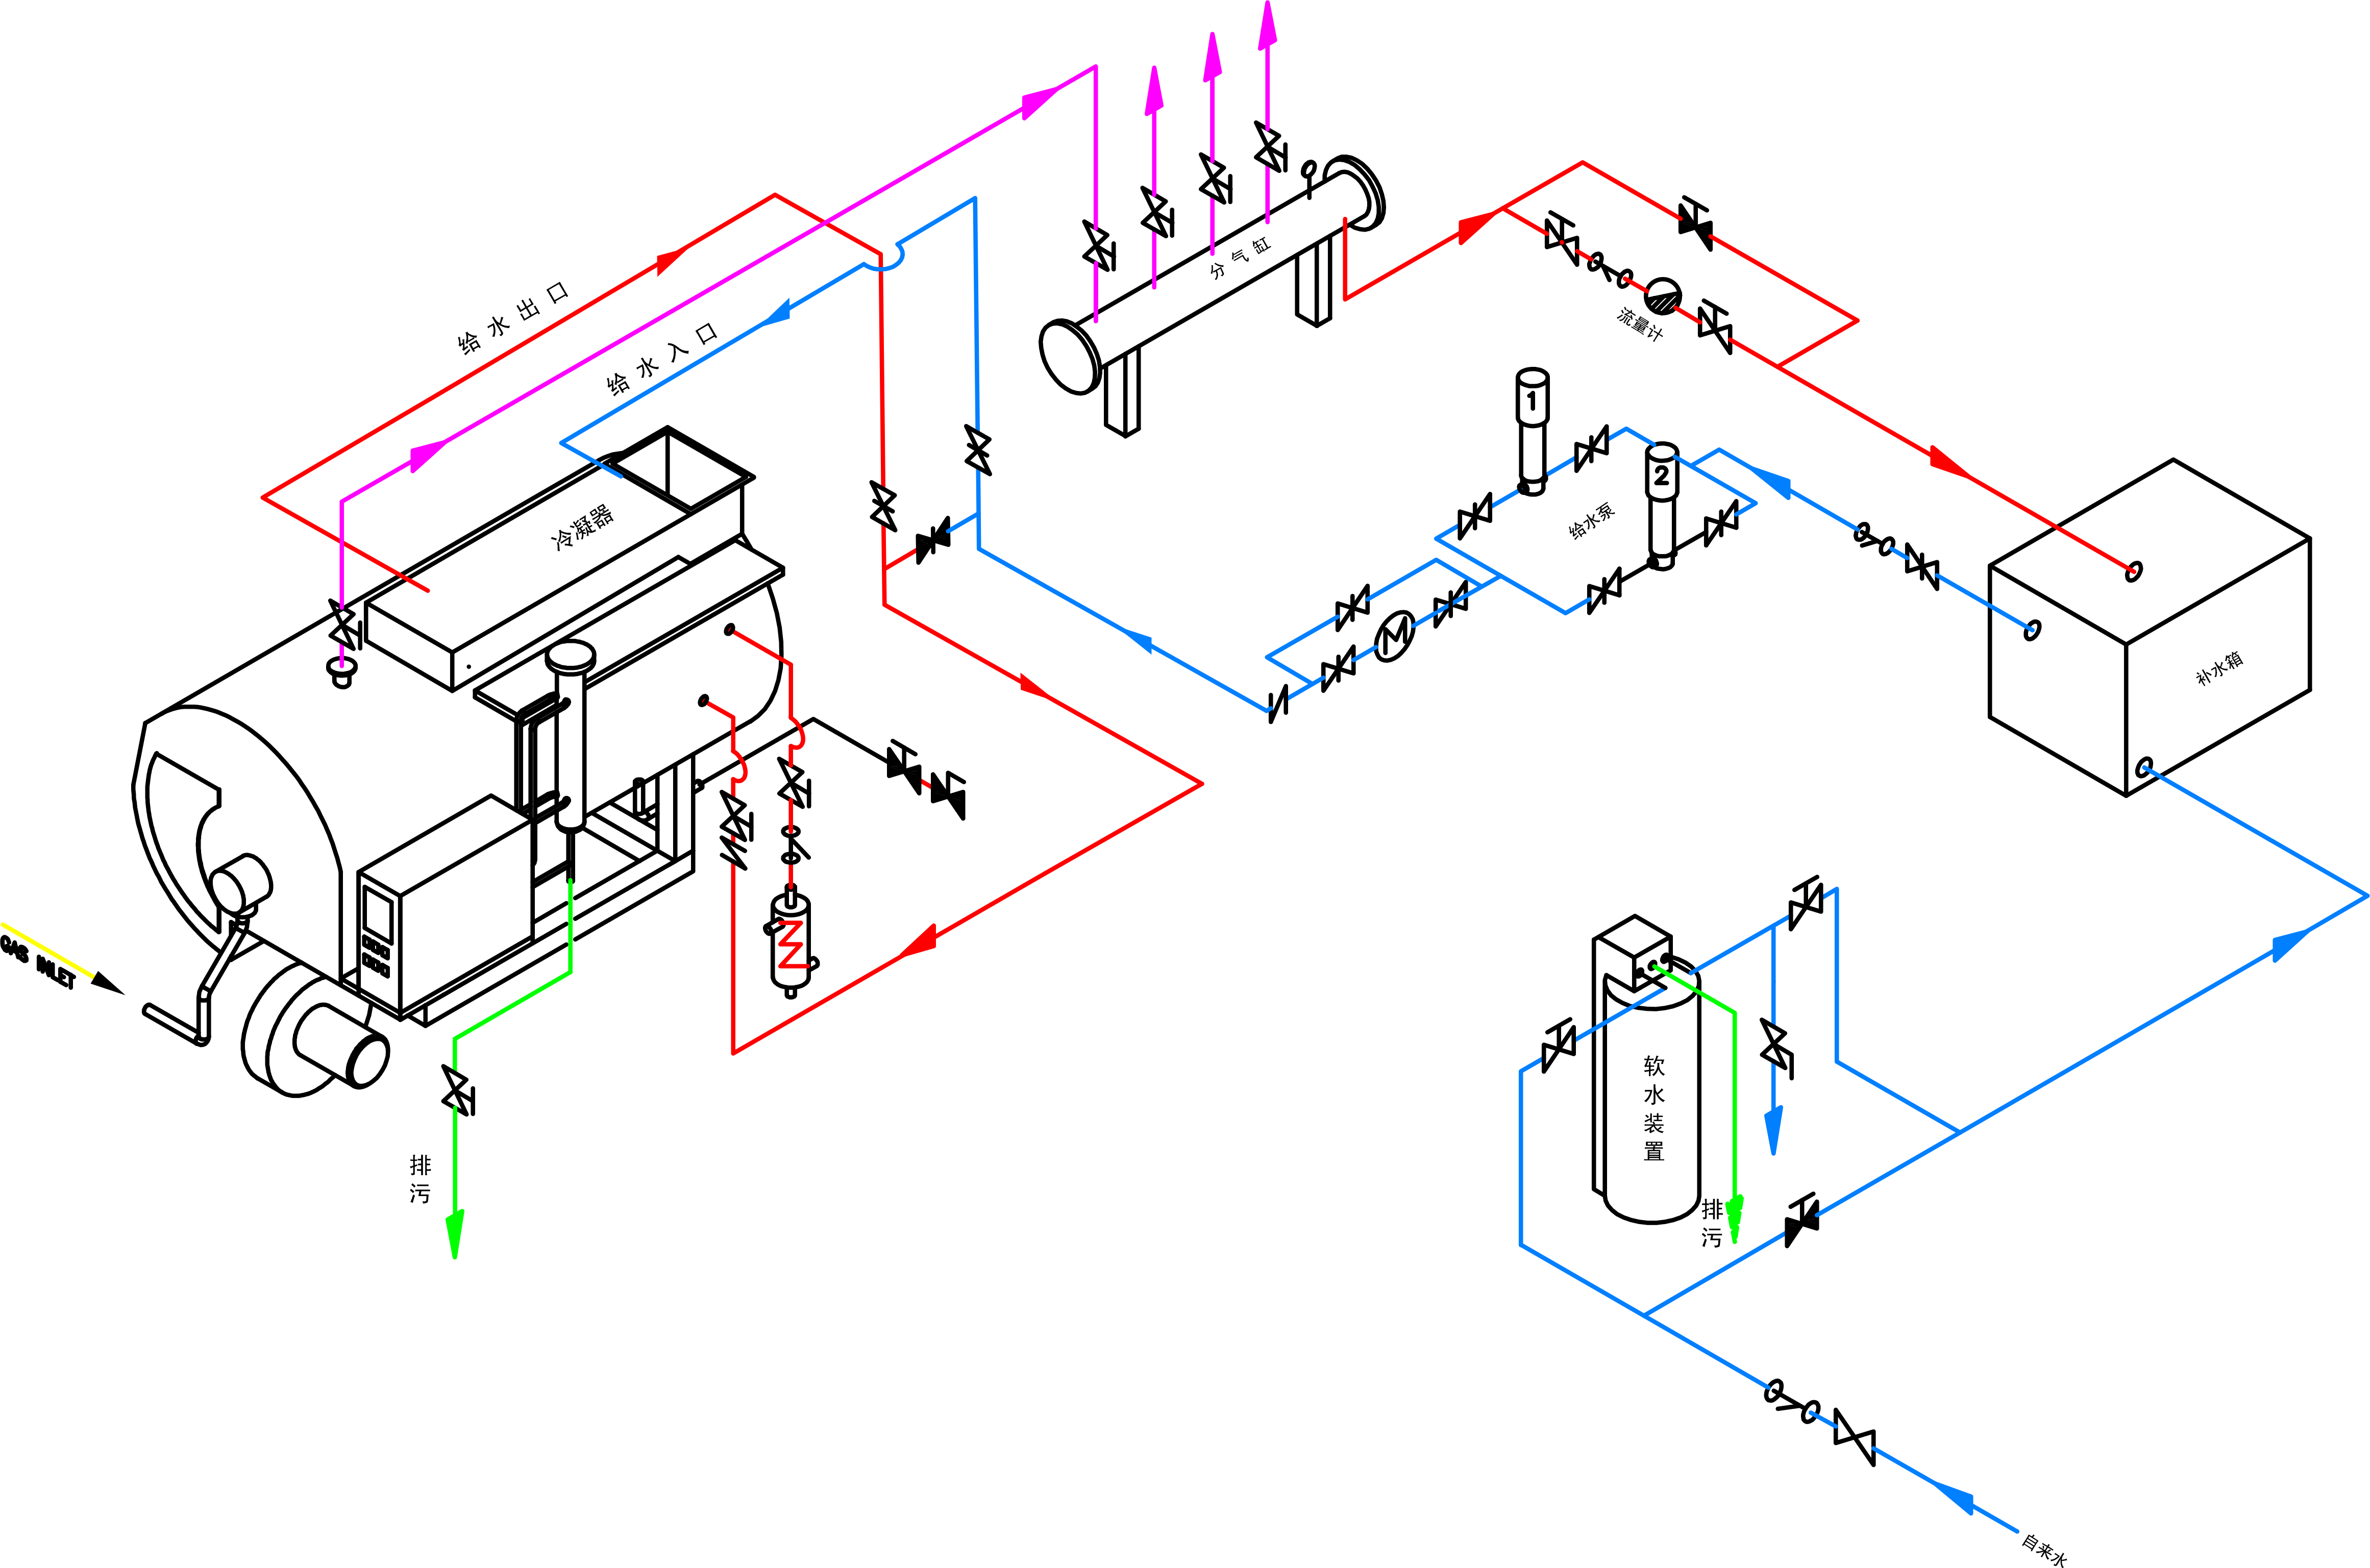 大 的工作原理跟烧开水差不多,锅相当于水壶,炉相当于灶。锅炉分为锅和炉两部分,锅是用来装水的金属容器,炉是燃料燃烧的部分,锅内的水吸收炉内燃料燃烧的热量而转变为蒸汽。通俗来讲,蒸汽锅炉是吸收燃料燃烧的热能而使水变成一定参数(如压力、温度等)的蒸汽的设备。 举个例子,大家都会明白,以煤粉炉为例。 1.